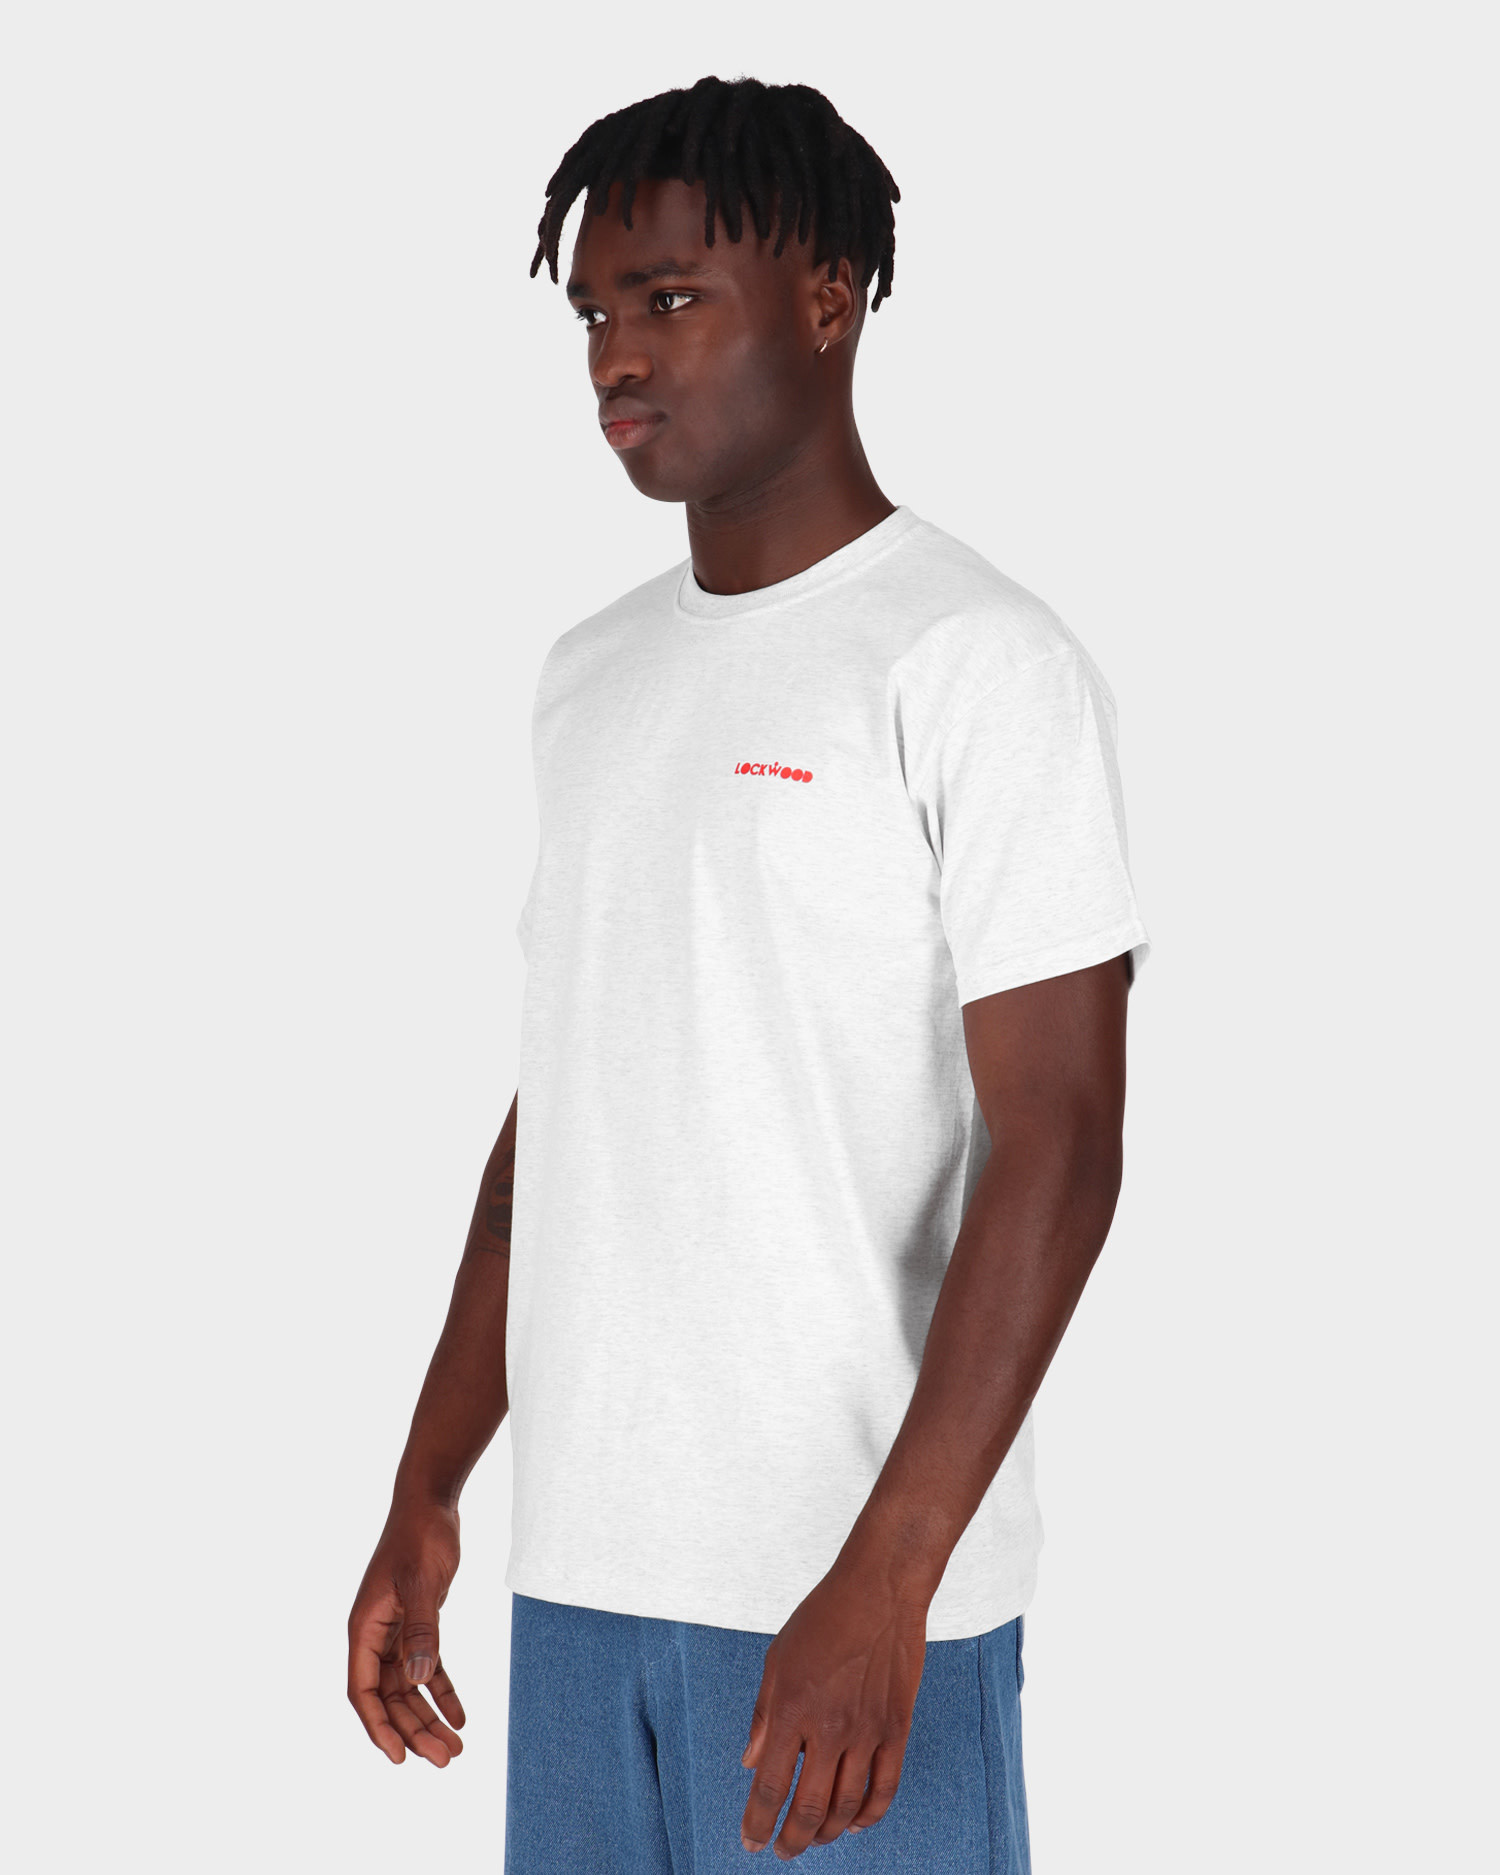 Lockwood X Korsakov T-shirt Ash